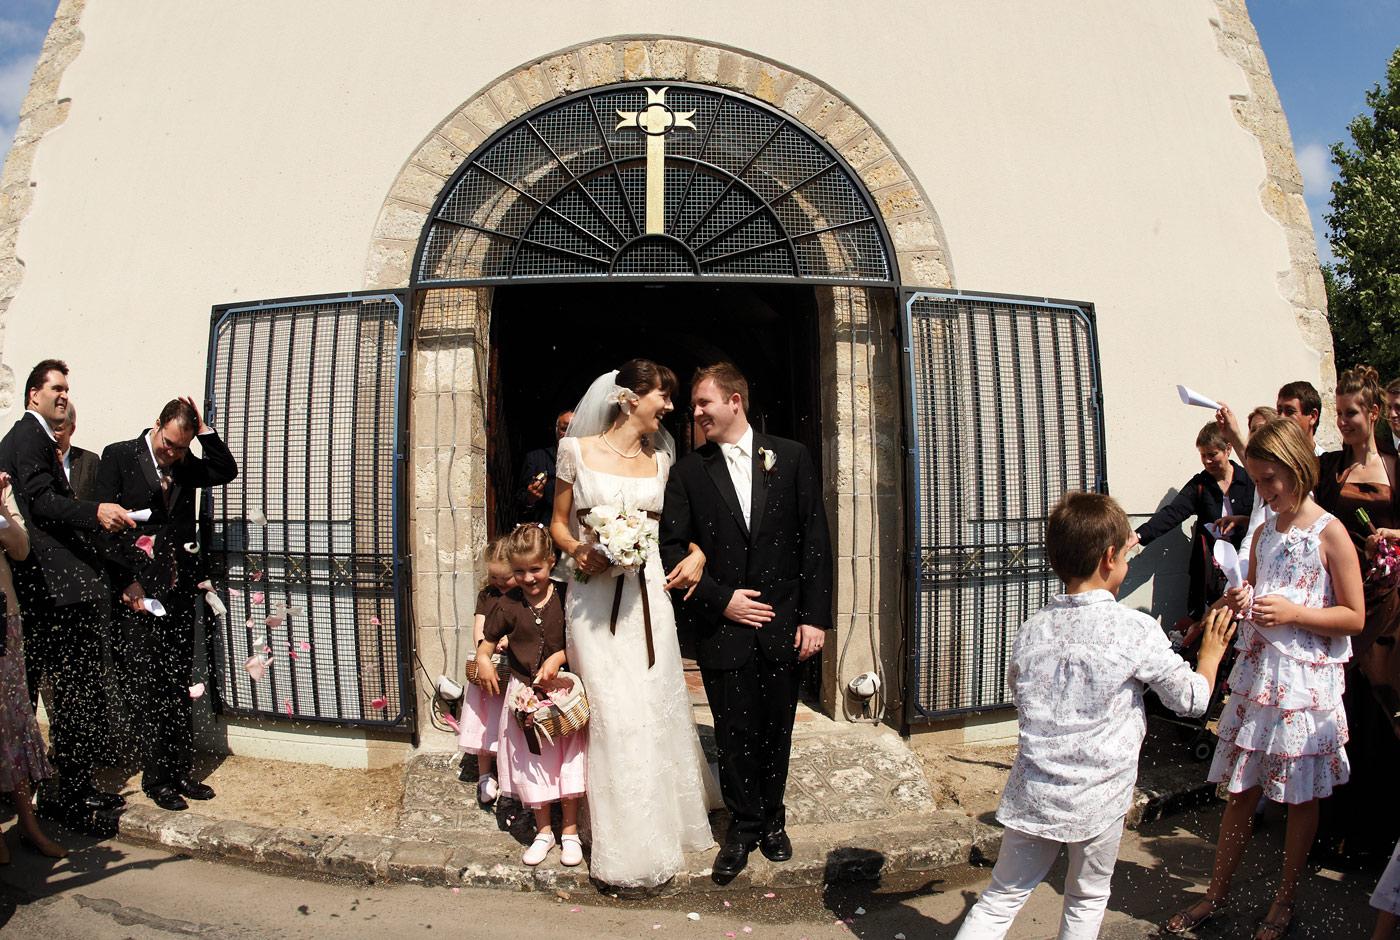 A Fairytale Fête - A Real Wedding Story